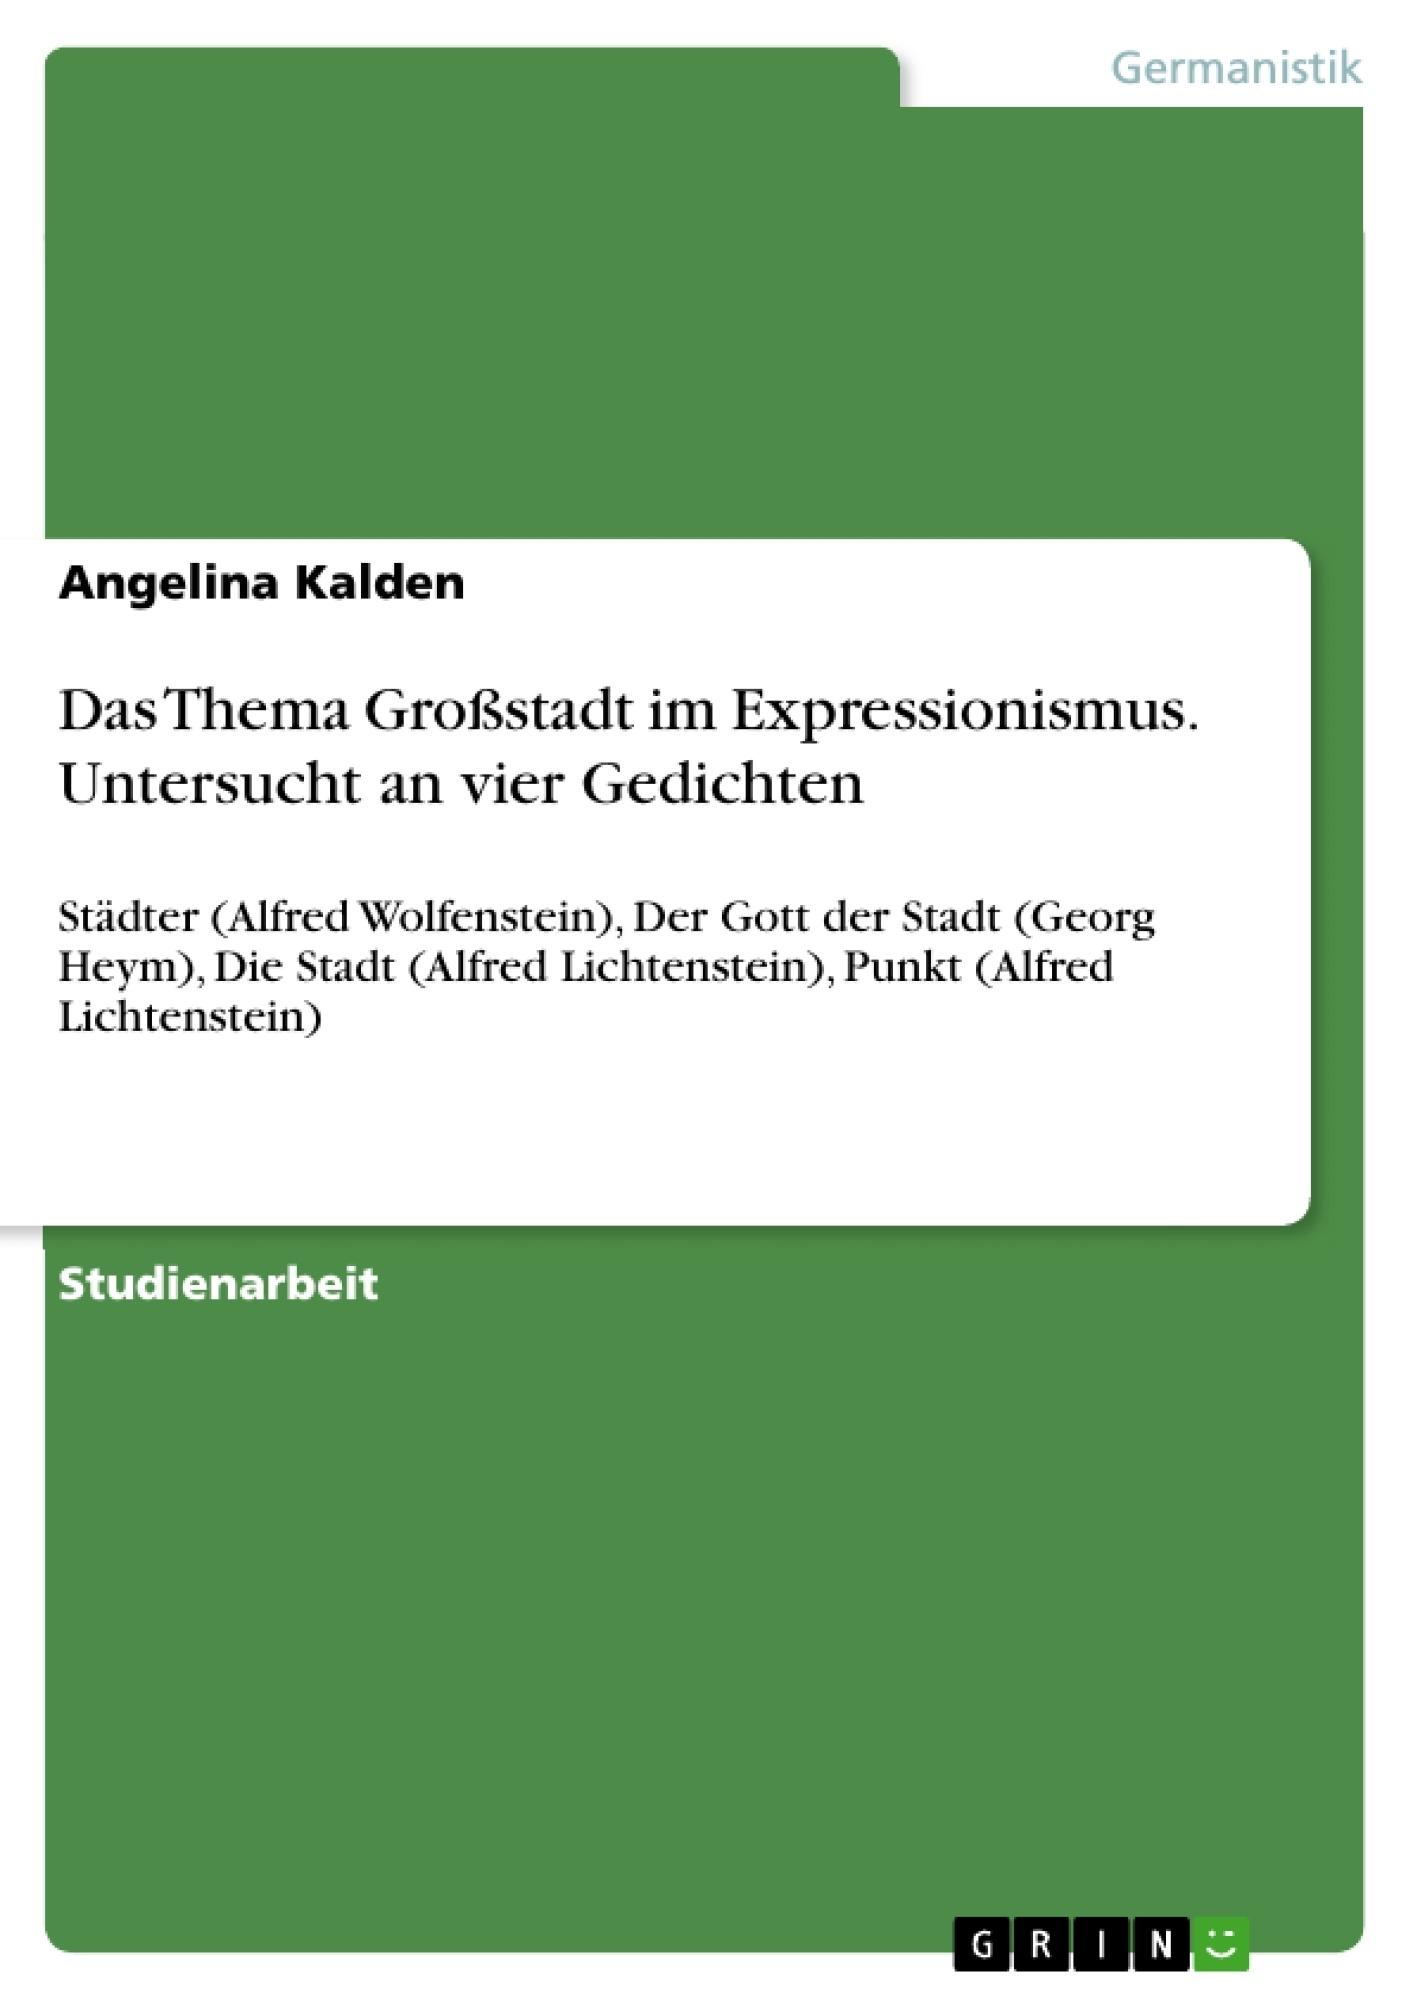 Titel: Das Thema Großstadt im Expressionismus. Untersucht an vier Gedichten